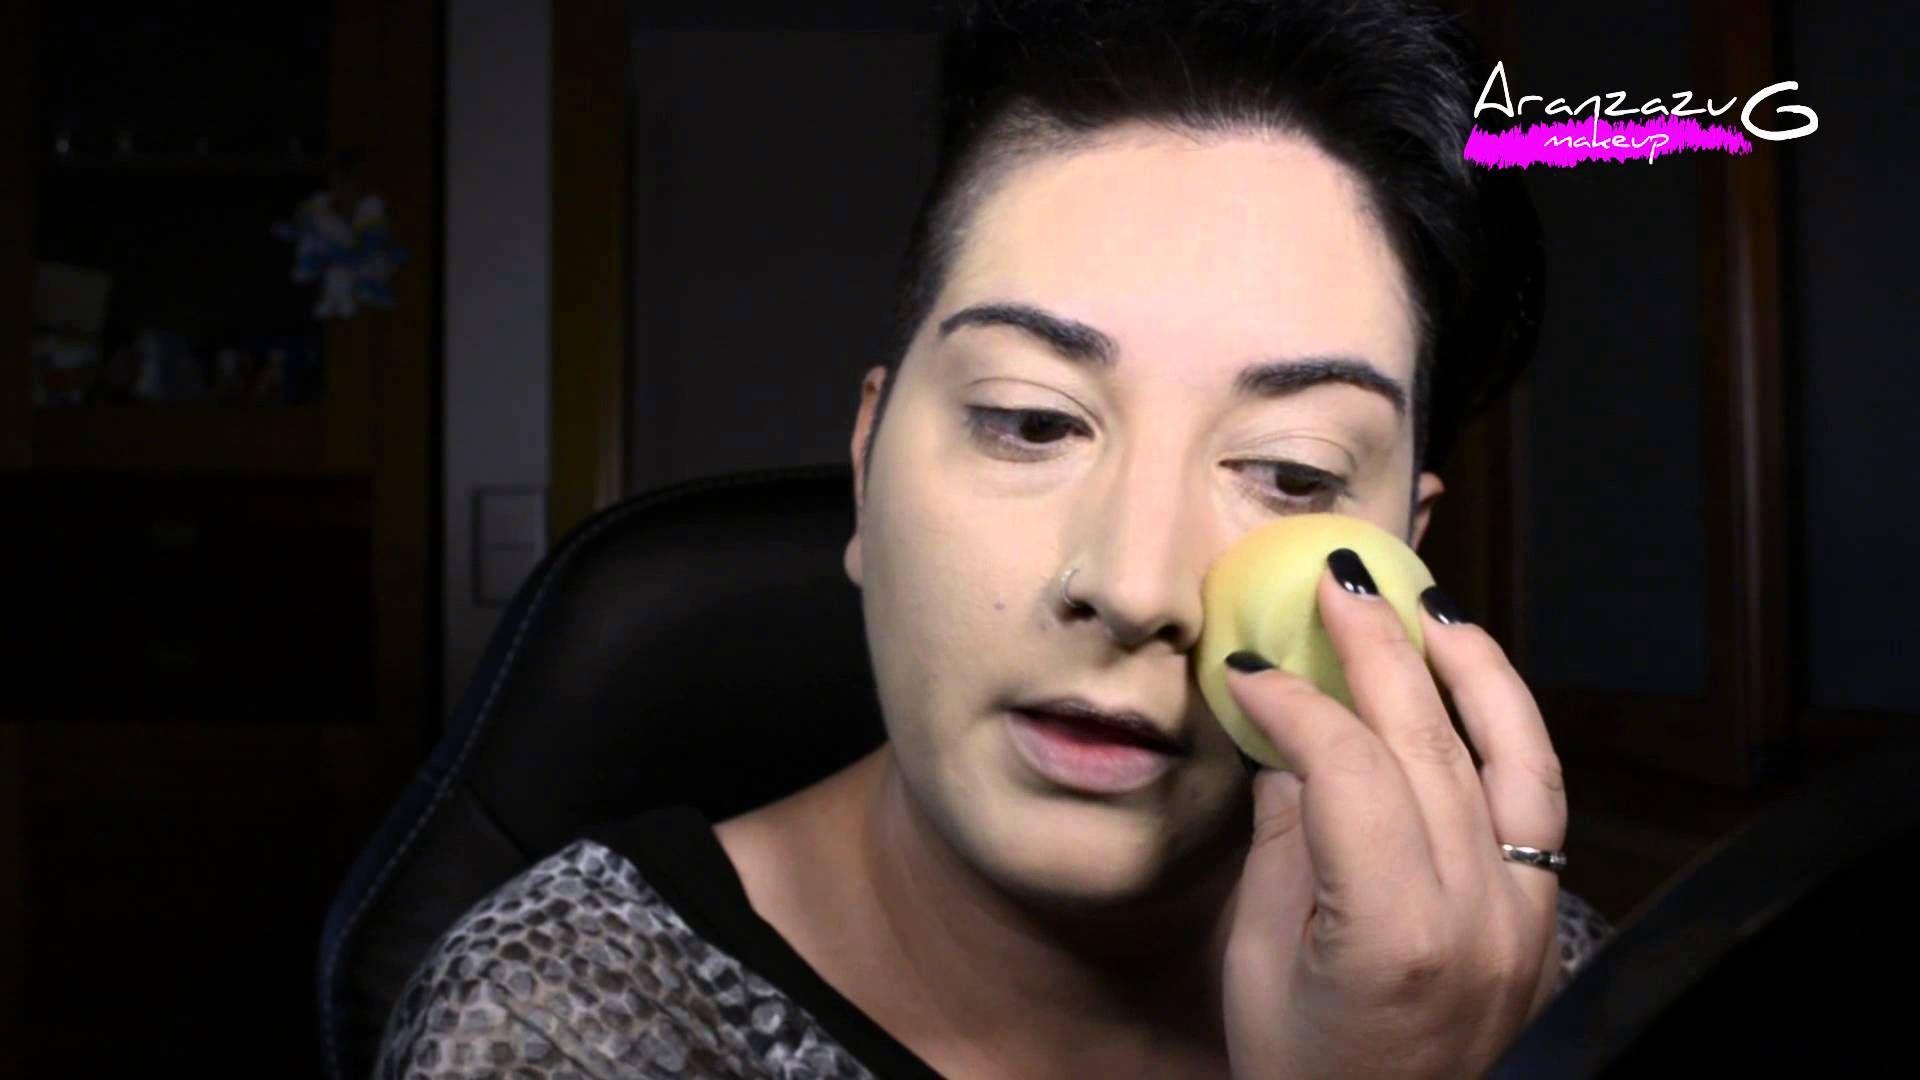 Se que hoy día hay una gran variedad de esponjas para aplicar el maquillaje,muchas de ellas se deterioran al poco tiempo de utilizarla,otras cuestan una pasta,esta es perfecta!!!